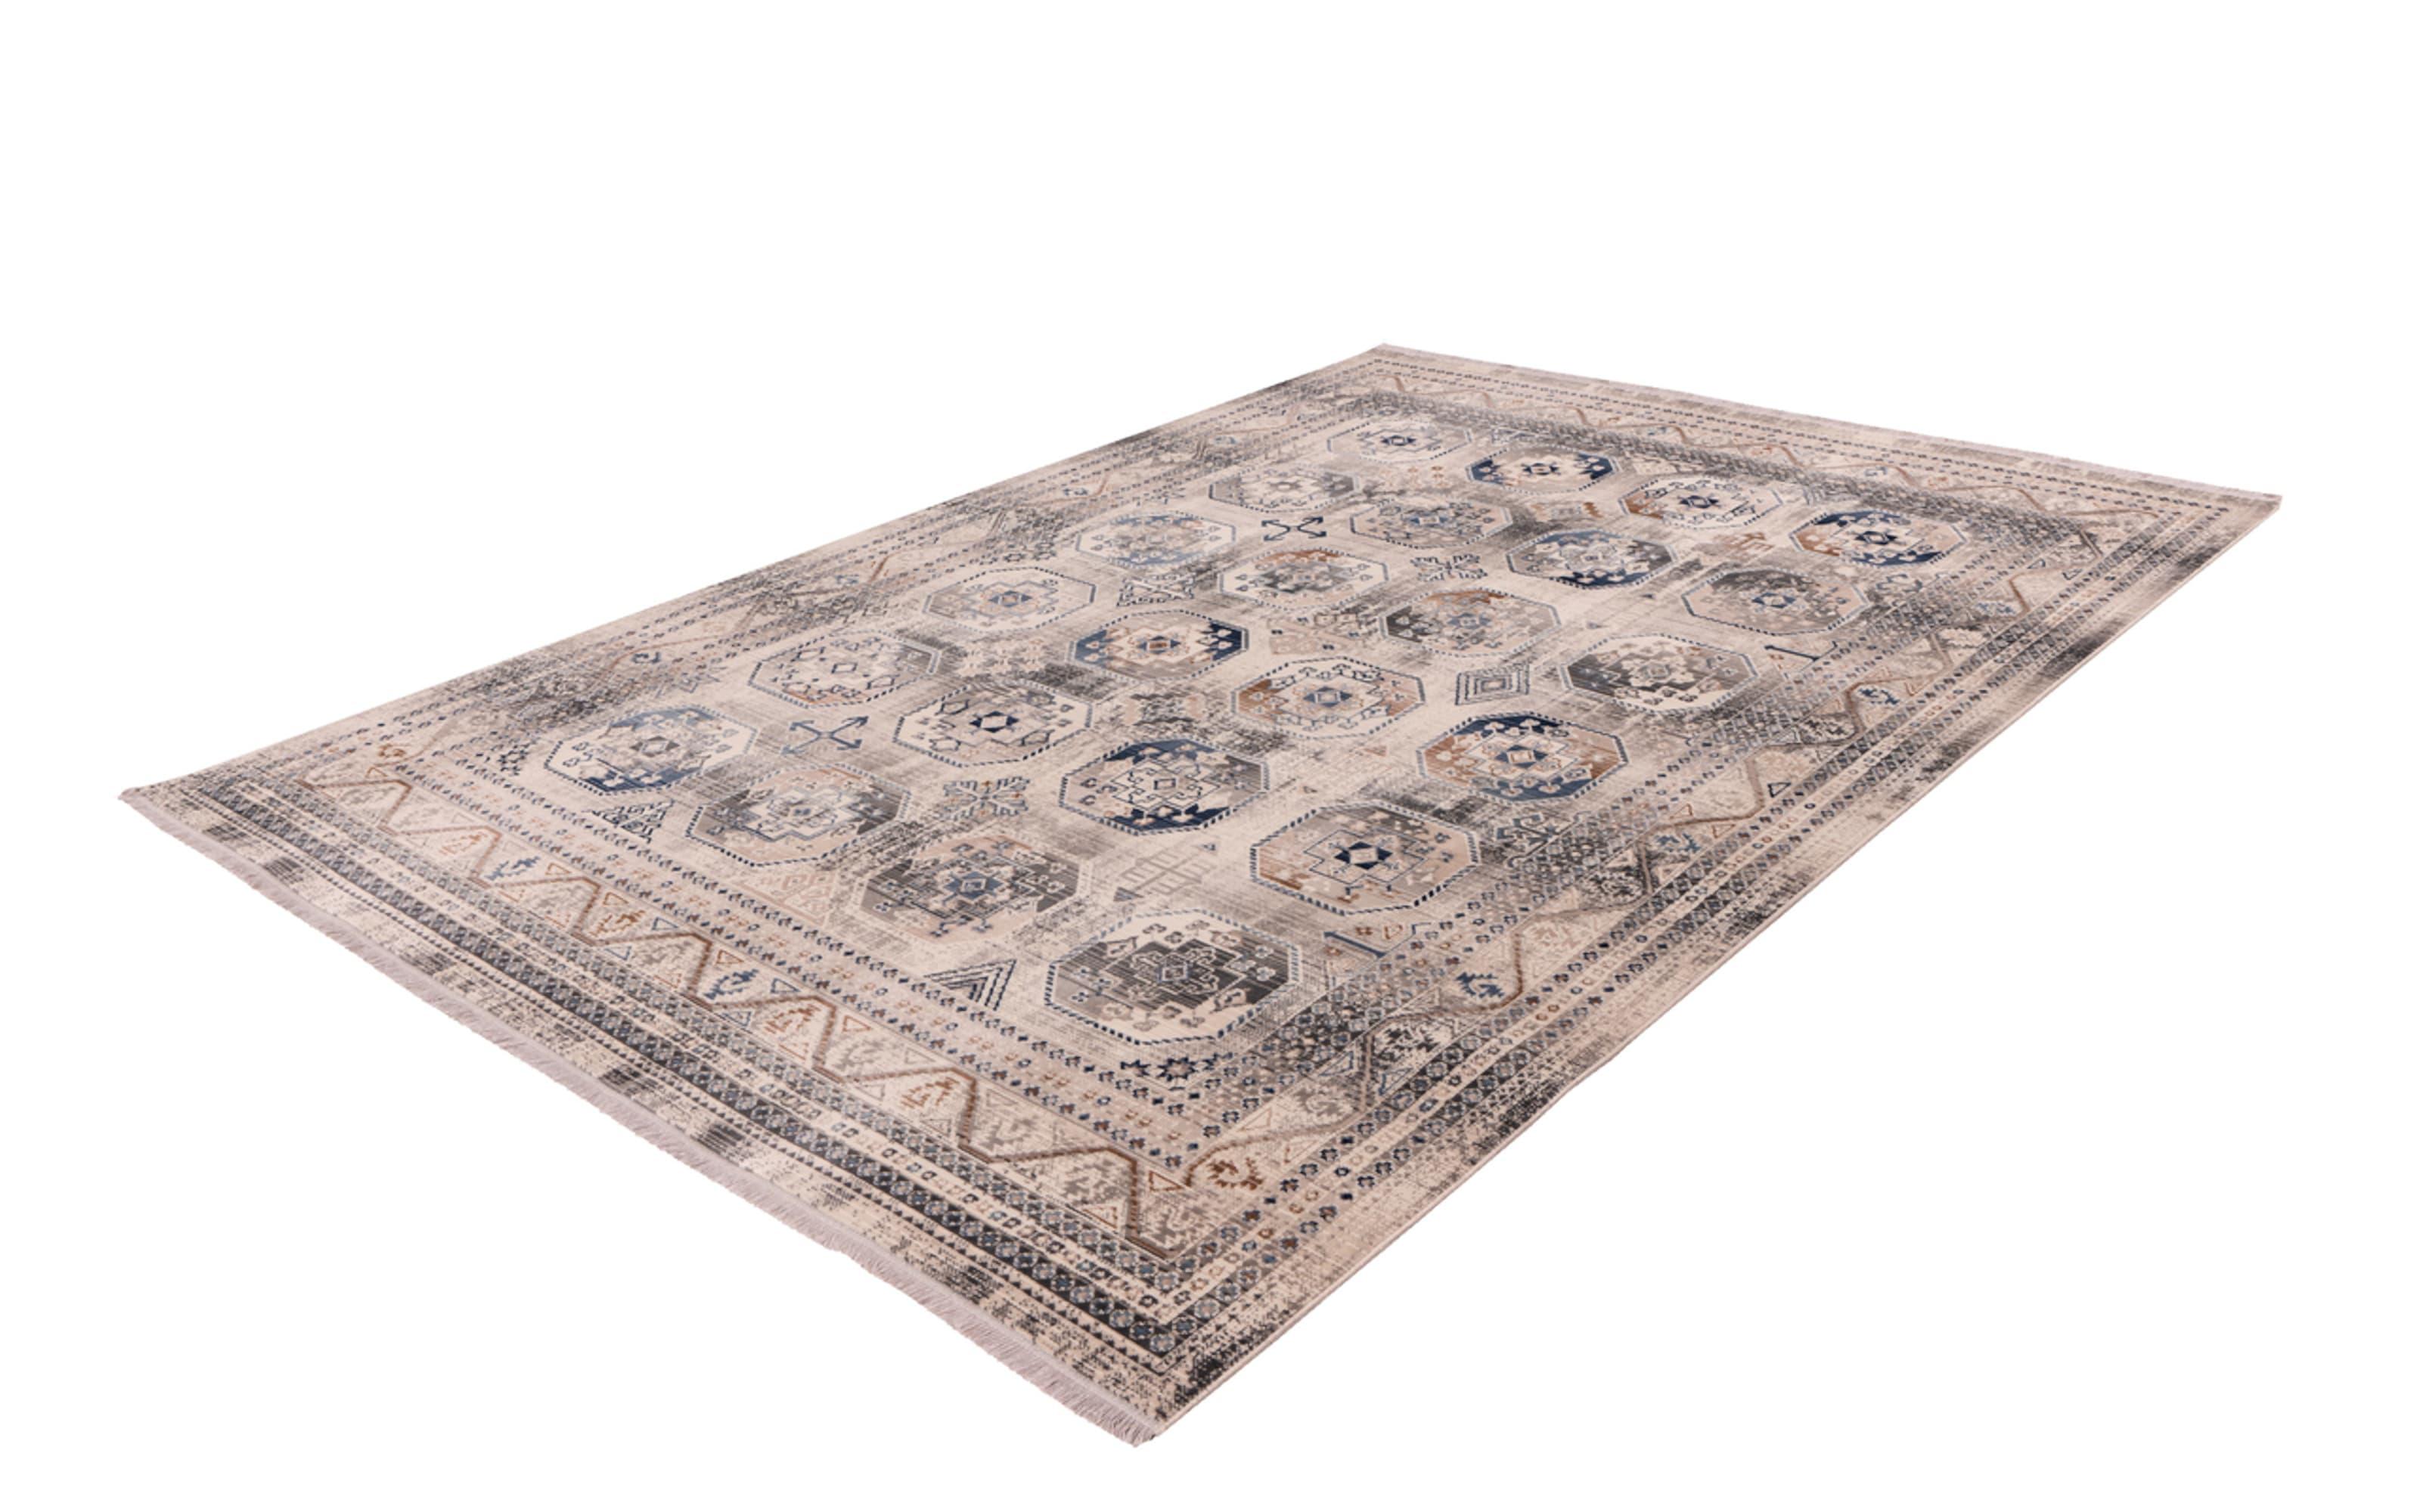 Teppich Anouk 425 in multi, 120 x 170 cm